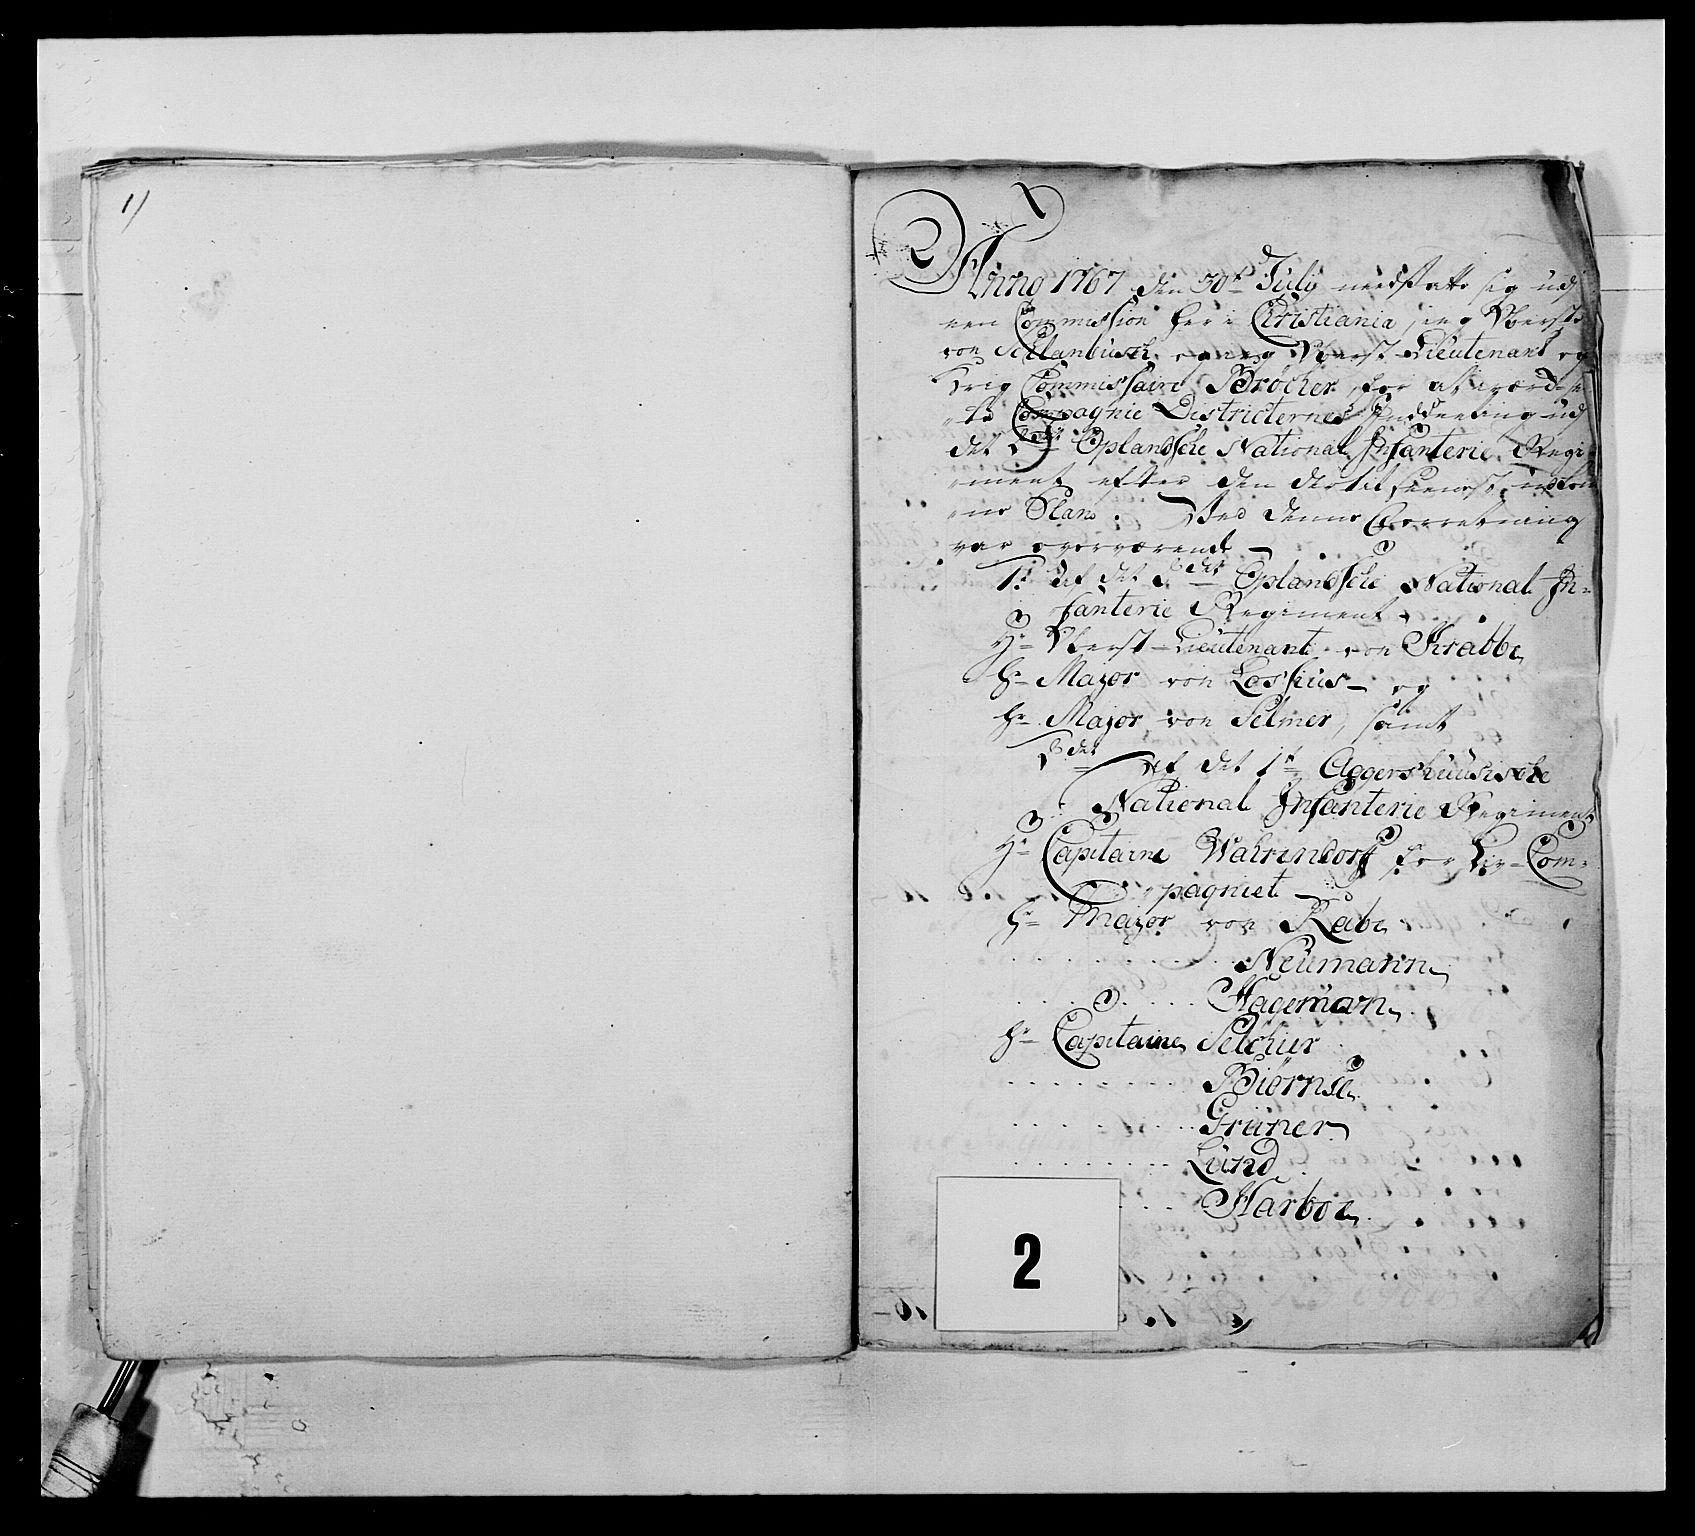 RA, Kommanderende general (KG I) med Det norske krigsdirektorium, E/Ea/L0507: 2. Opplandske regiment, 1766-1767, s. 13